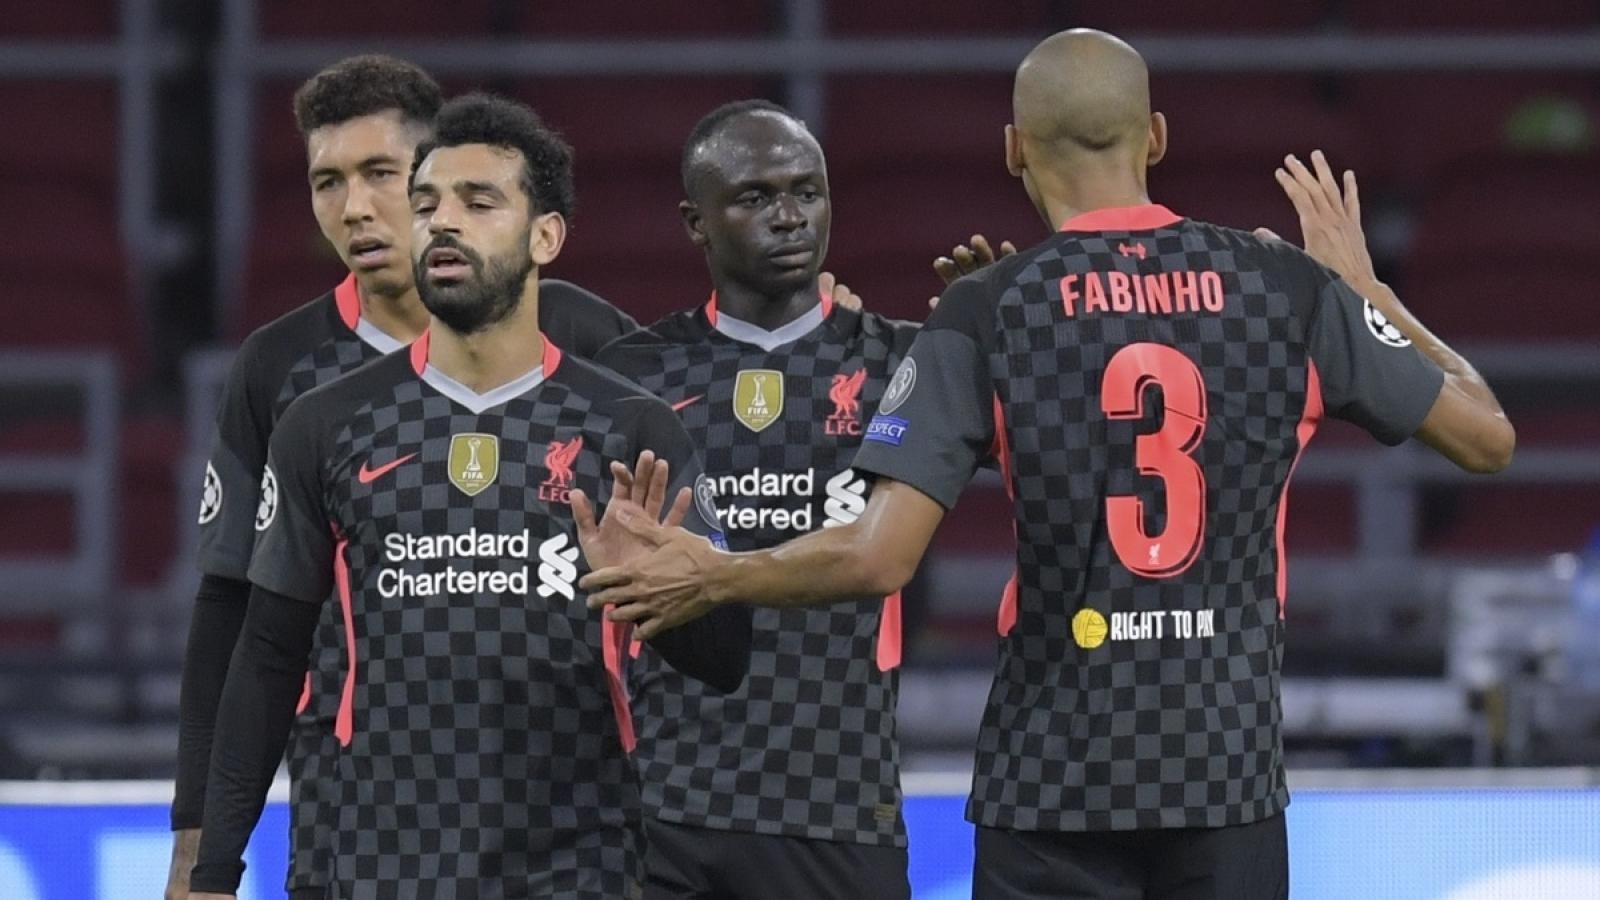 Không Van Dijk, Liverpool thắng vất vả Ajax nhờ bàn phản lưới